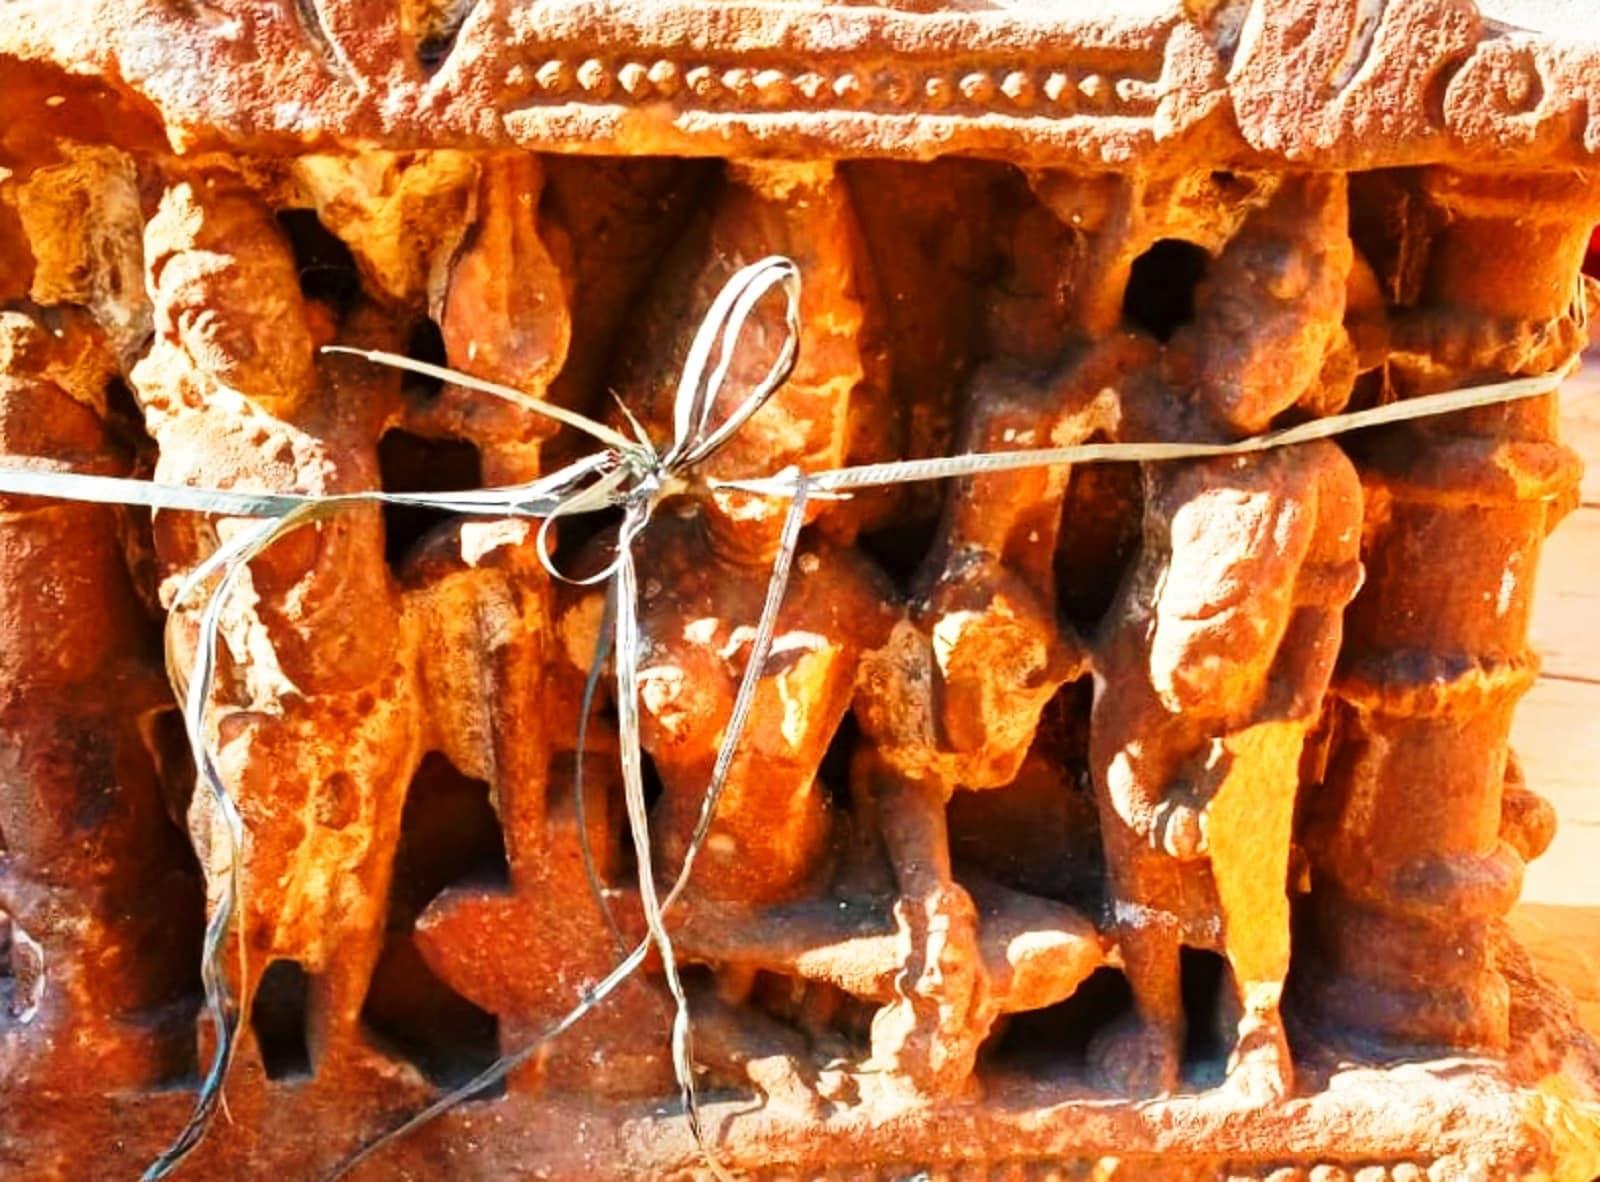 স্বাধীনতা প্রাপ্তির পরেও মূর্তিগুলি ঝালওয়ারে ফিরে আসেনি, যদিও এখানে ১৯১৫ সালেই পুরাতত্ত্ব সংগ্রহশালা নির্মাণ হয়ে গিয়েছিল।